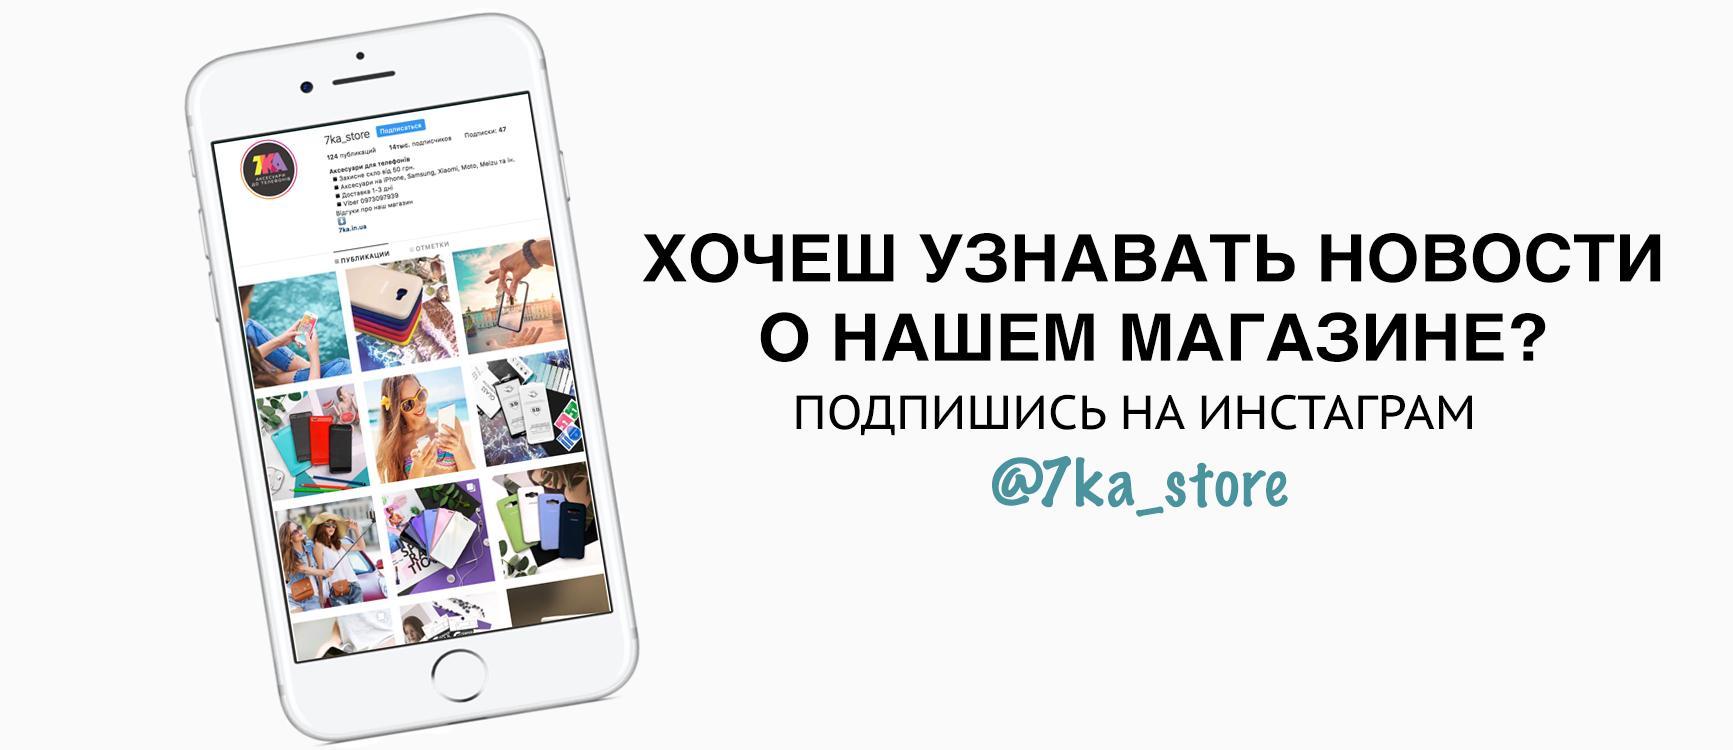 7ka- магазин аксессуаров для телефонов и смартфонов. Защитные стекла ... f3f25d47aa989